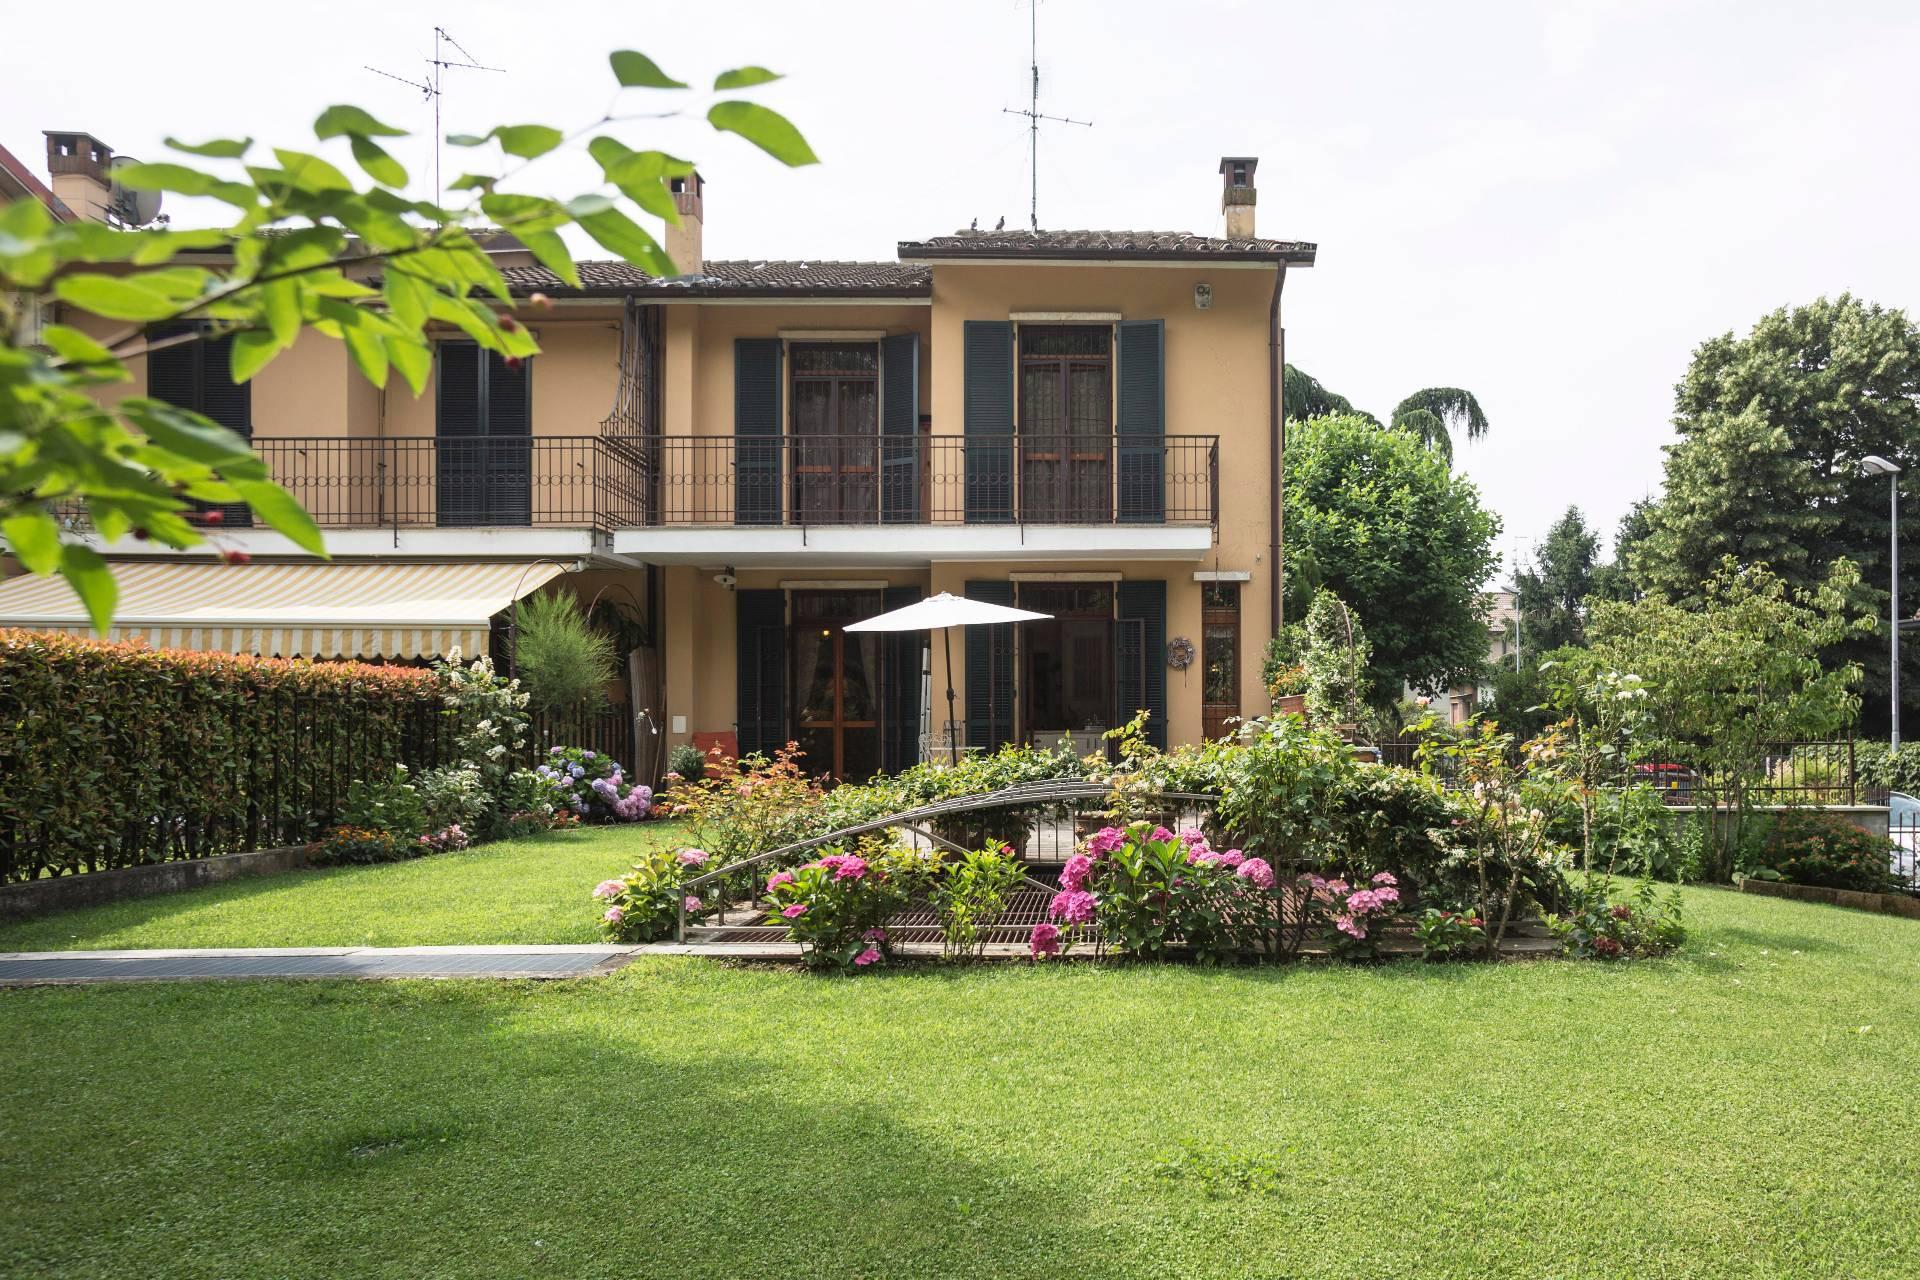 Villa in Vendita a Cernusco Sul Naviglio: 5 locali, 250 mq